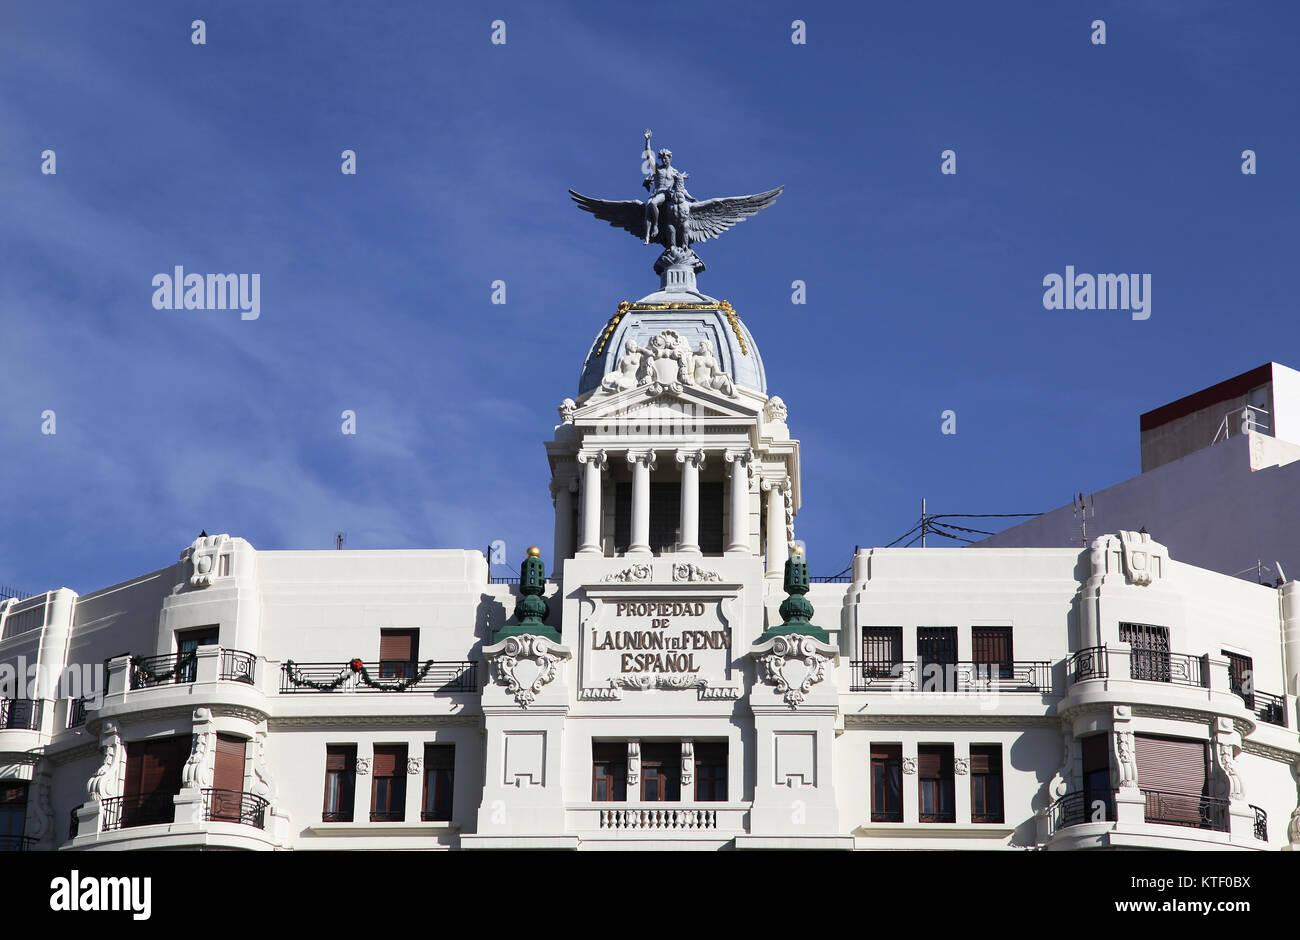 Edificio de la Union y el Fenix Espanol building 1929 by architect Enrique Viedma Vidal Carrer de Xativa Valencia - Stock Image